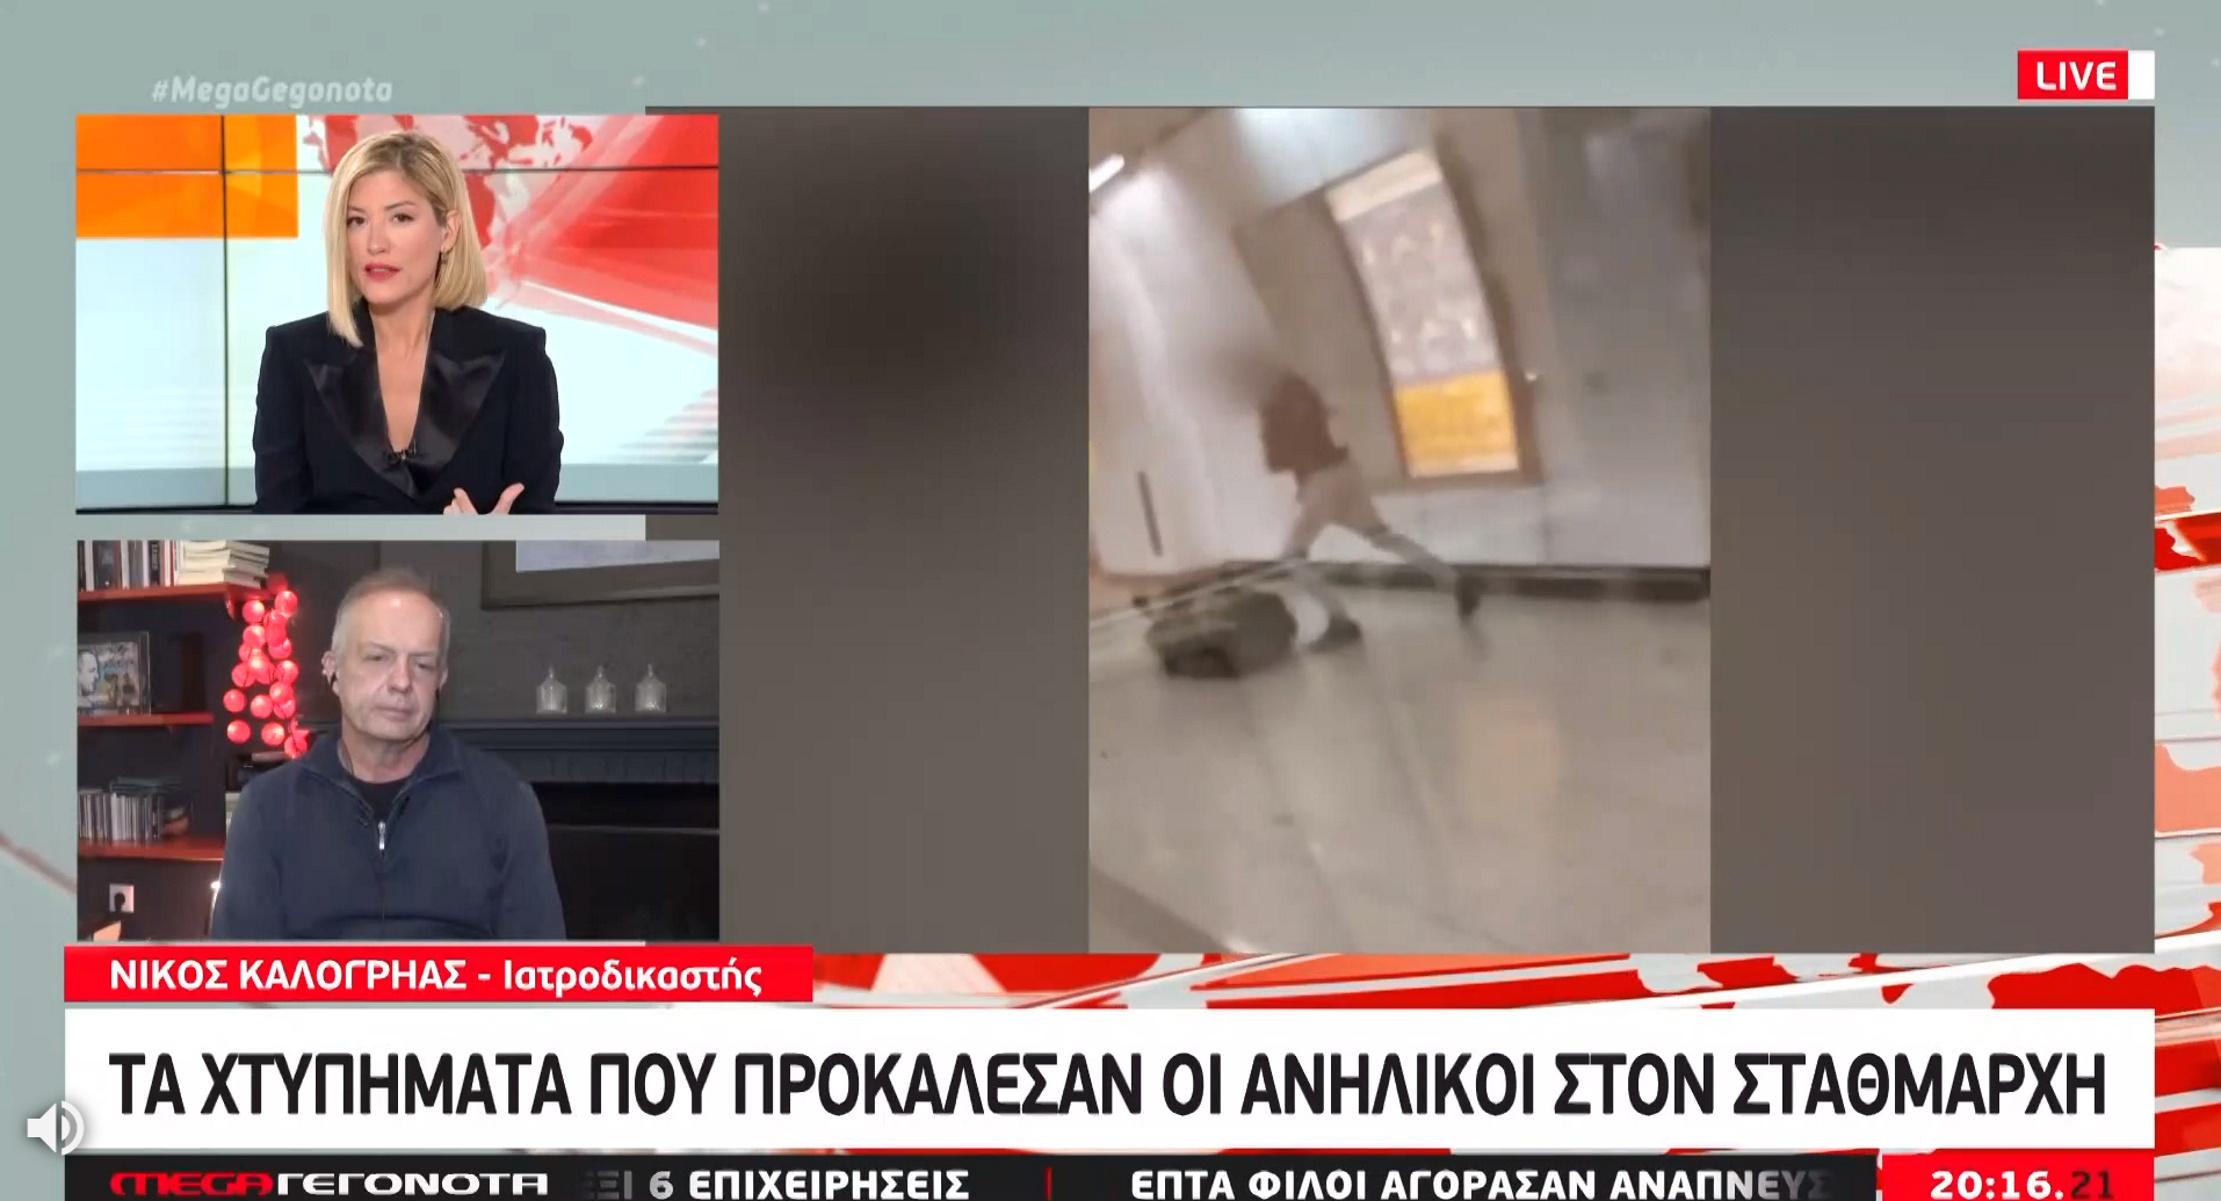 Επίθεση στον σταθμάρχη: «Τα χτυπήματα θα μπορούσαν να τον έχουν αφήσει ανάπηρο» (video)